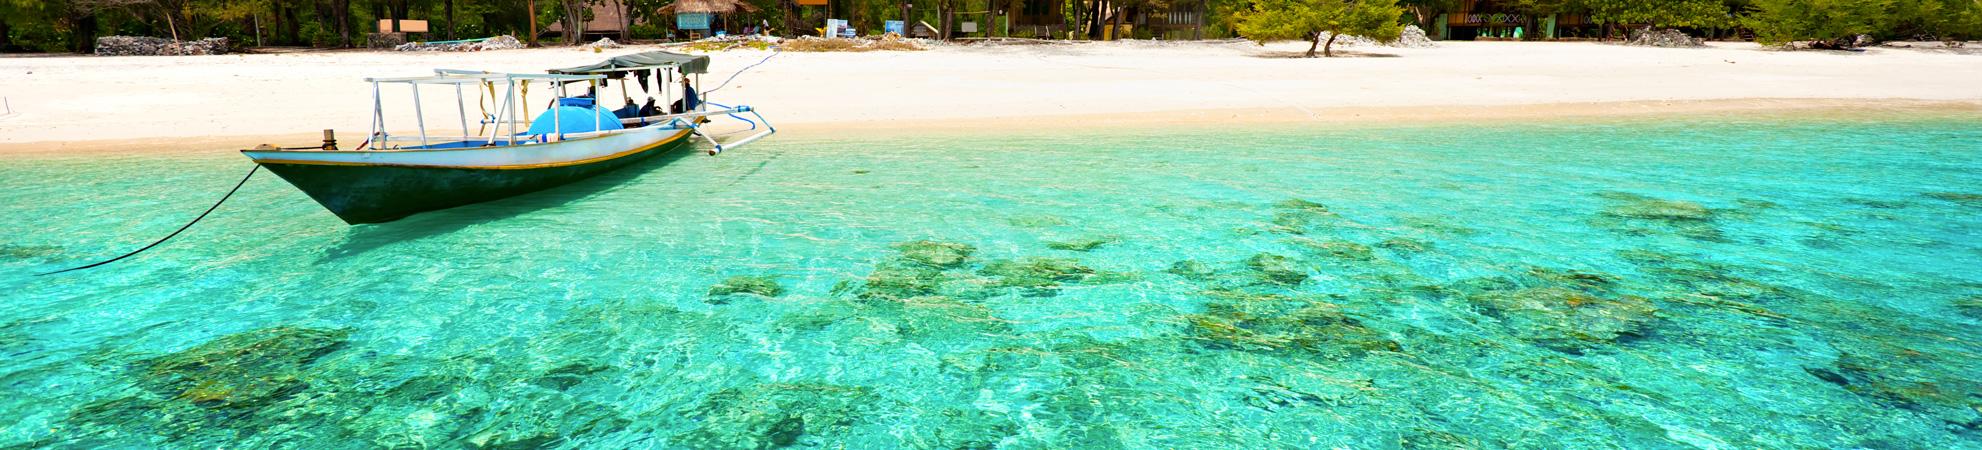 Les incontournables à Bali